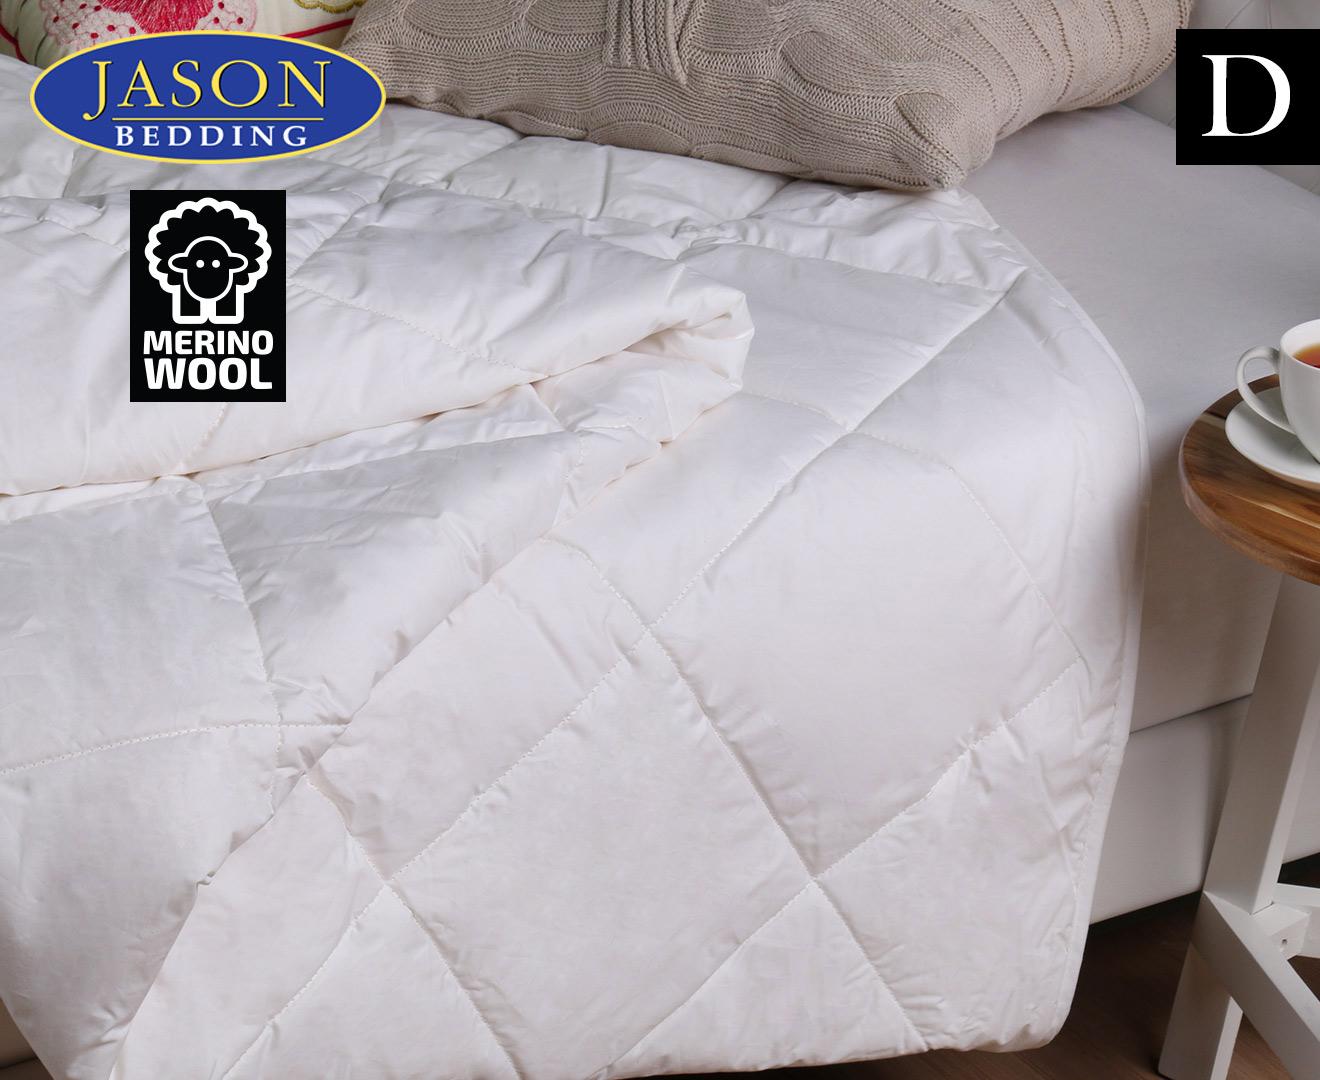 jason wool quilt - 28 images - shop hop 2013, bedding australia ... : jason wool quilt - Adamdwight.com